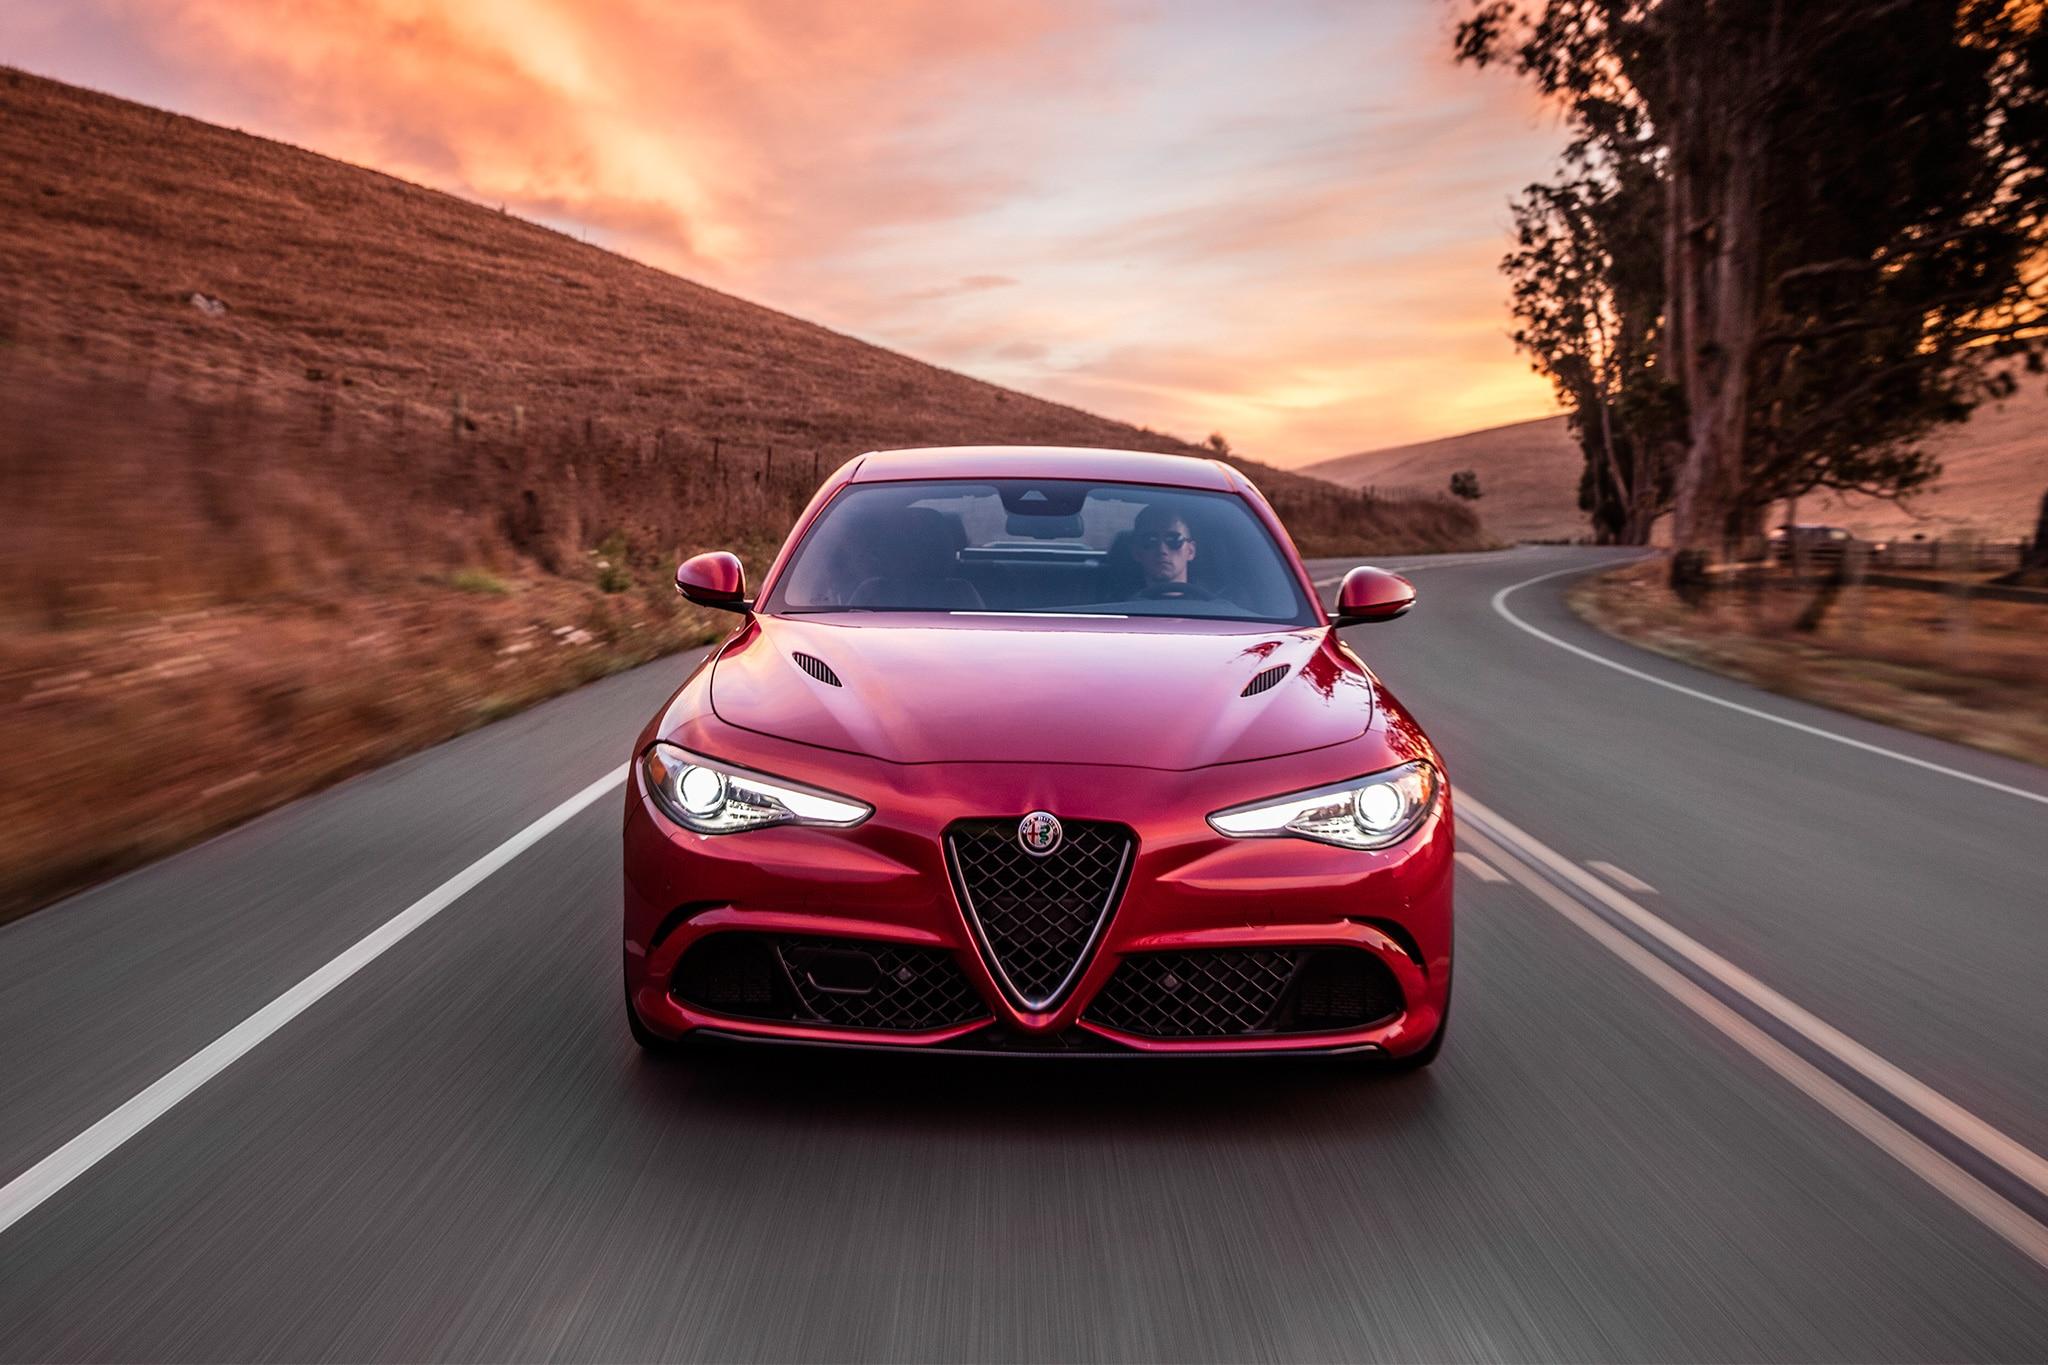 2017 Alfa Romeo Giulia Quadrifoglio, Giulia Ti Engine Details.